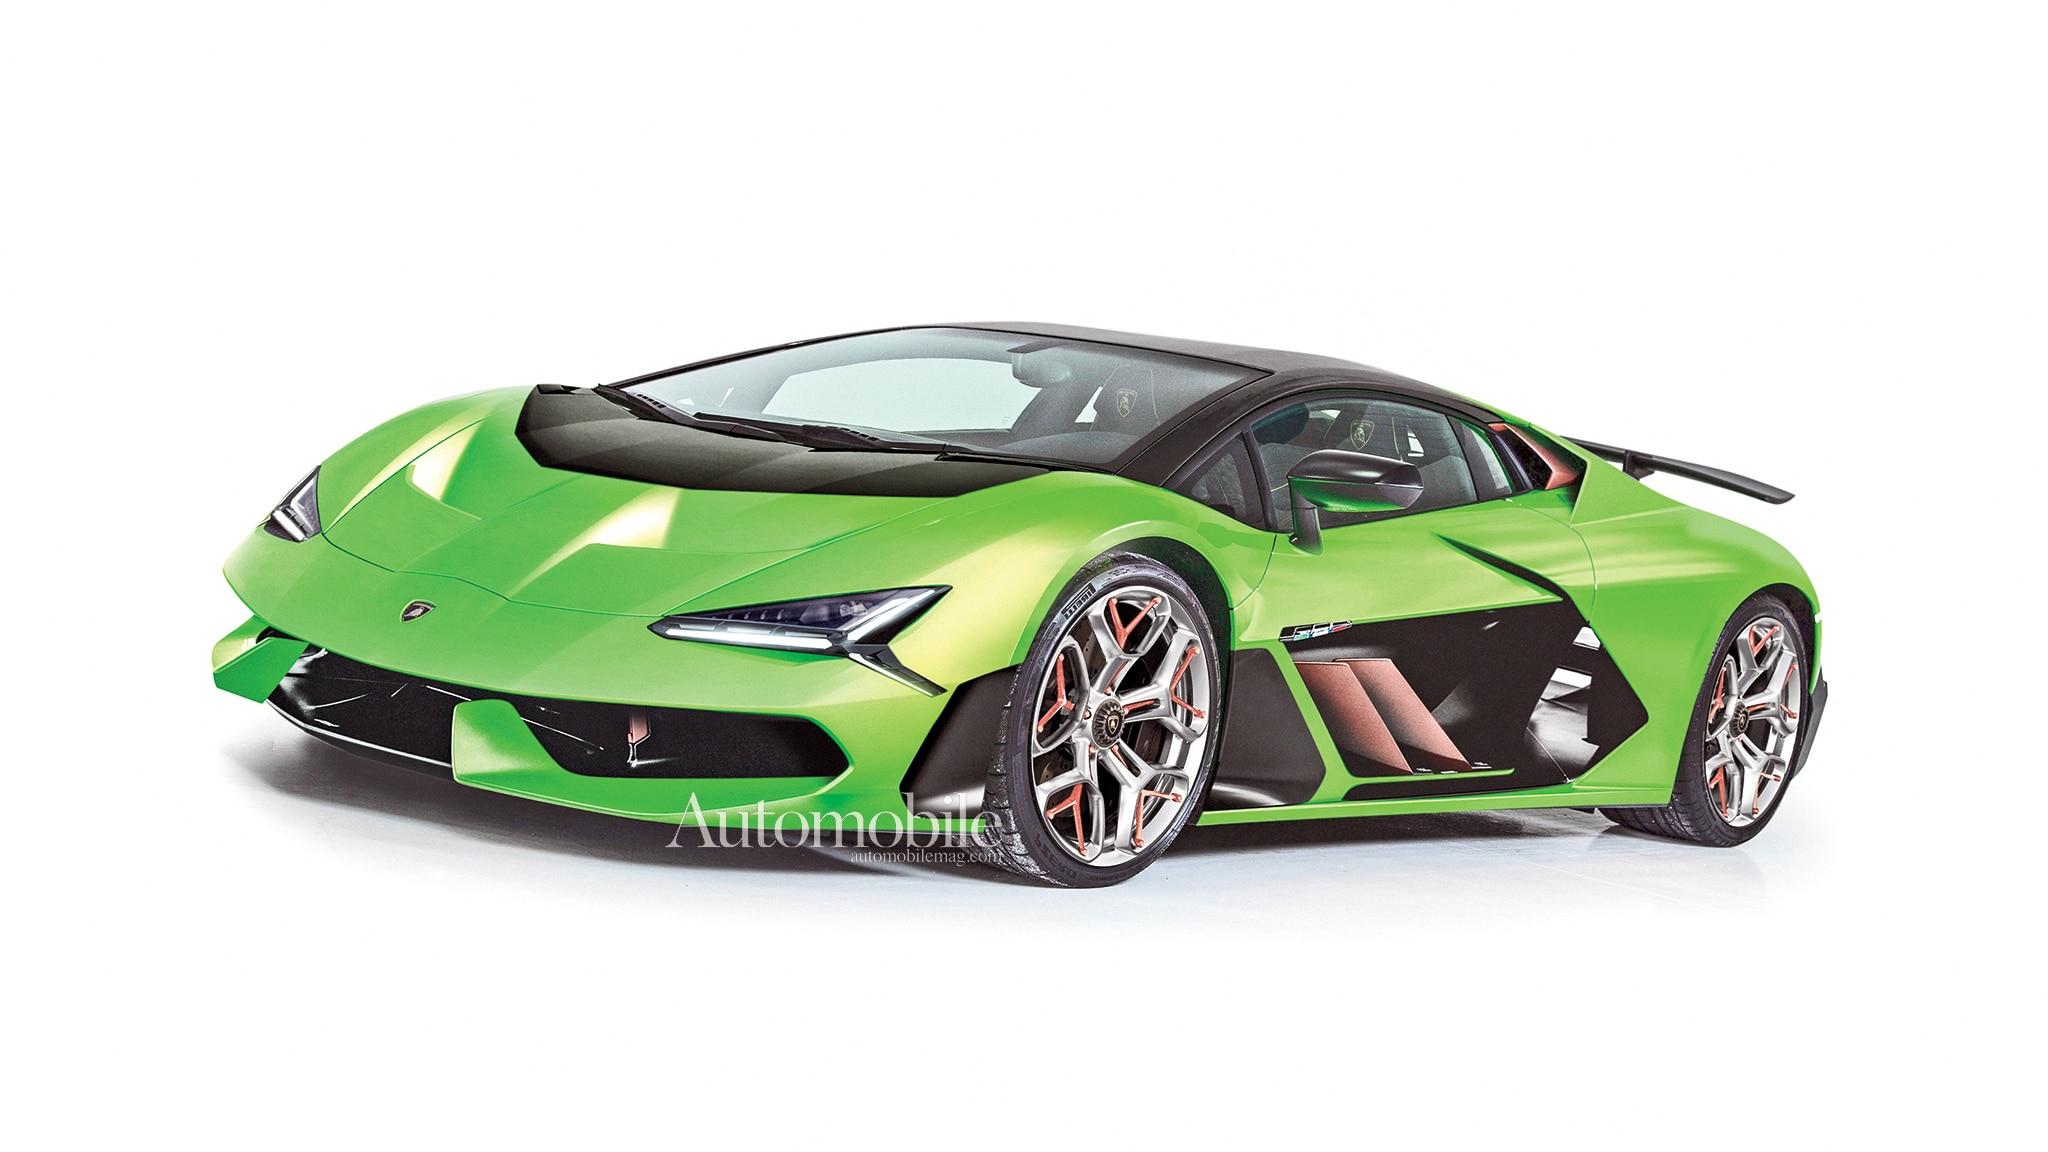 2022 Lamborghini Aventador Replacement Renderings + Rumors